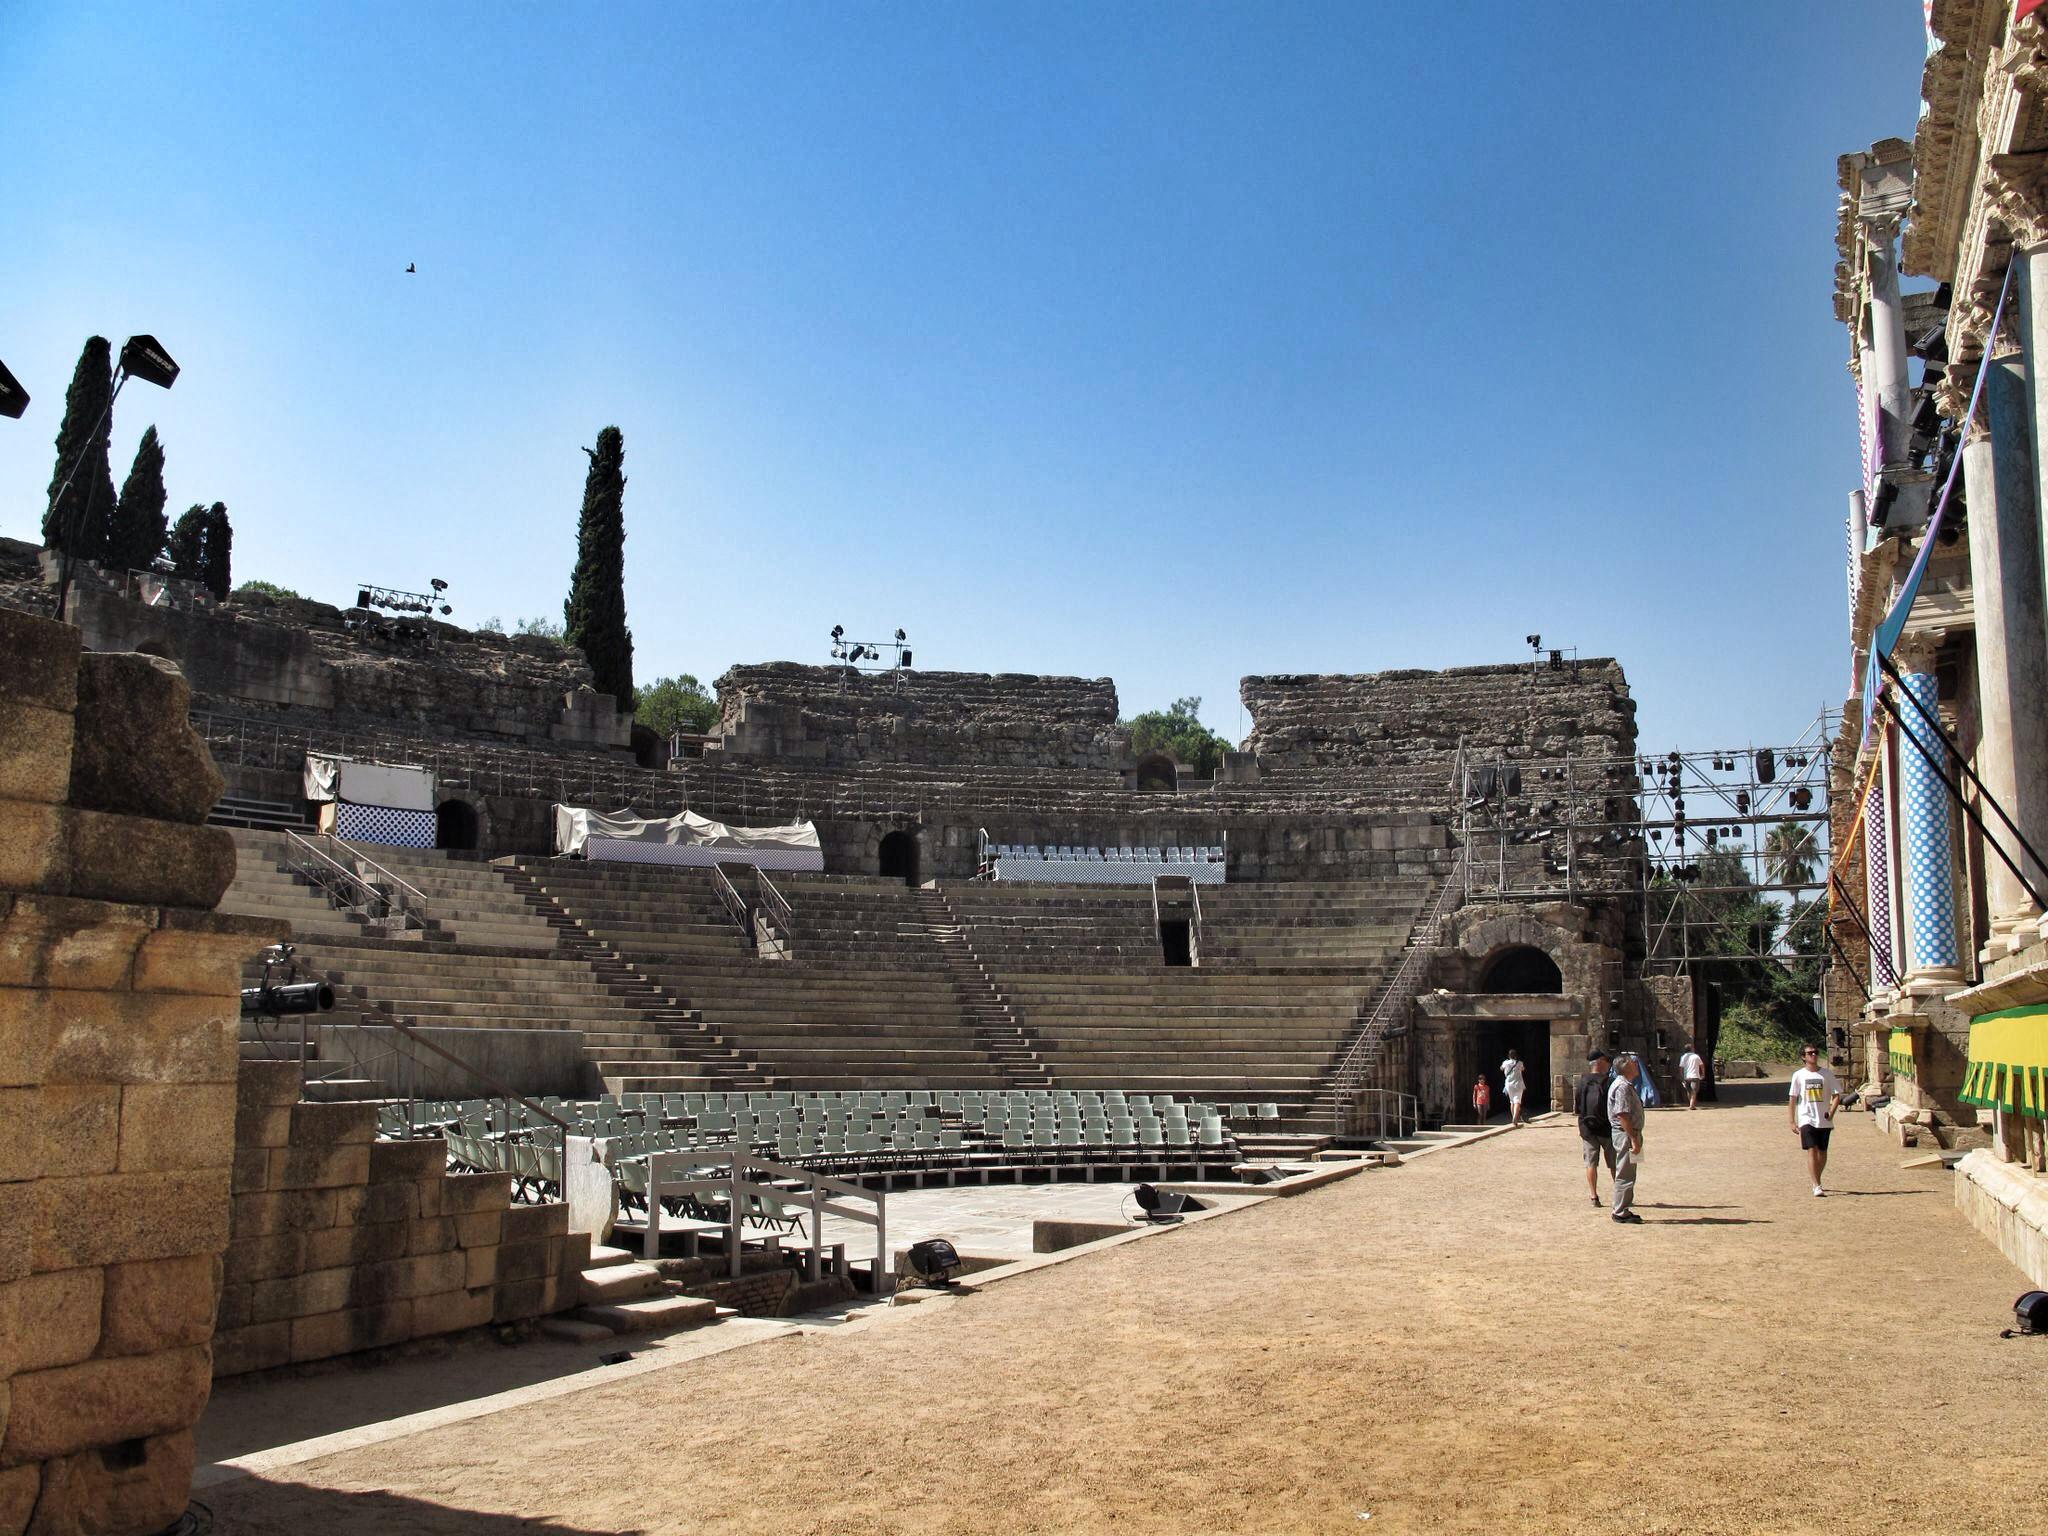 teatro de merida_gradas_escenario_proscenio